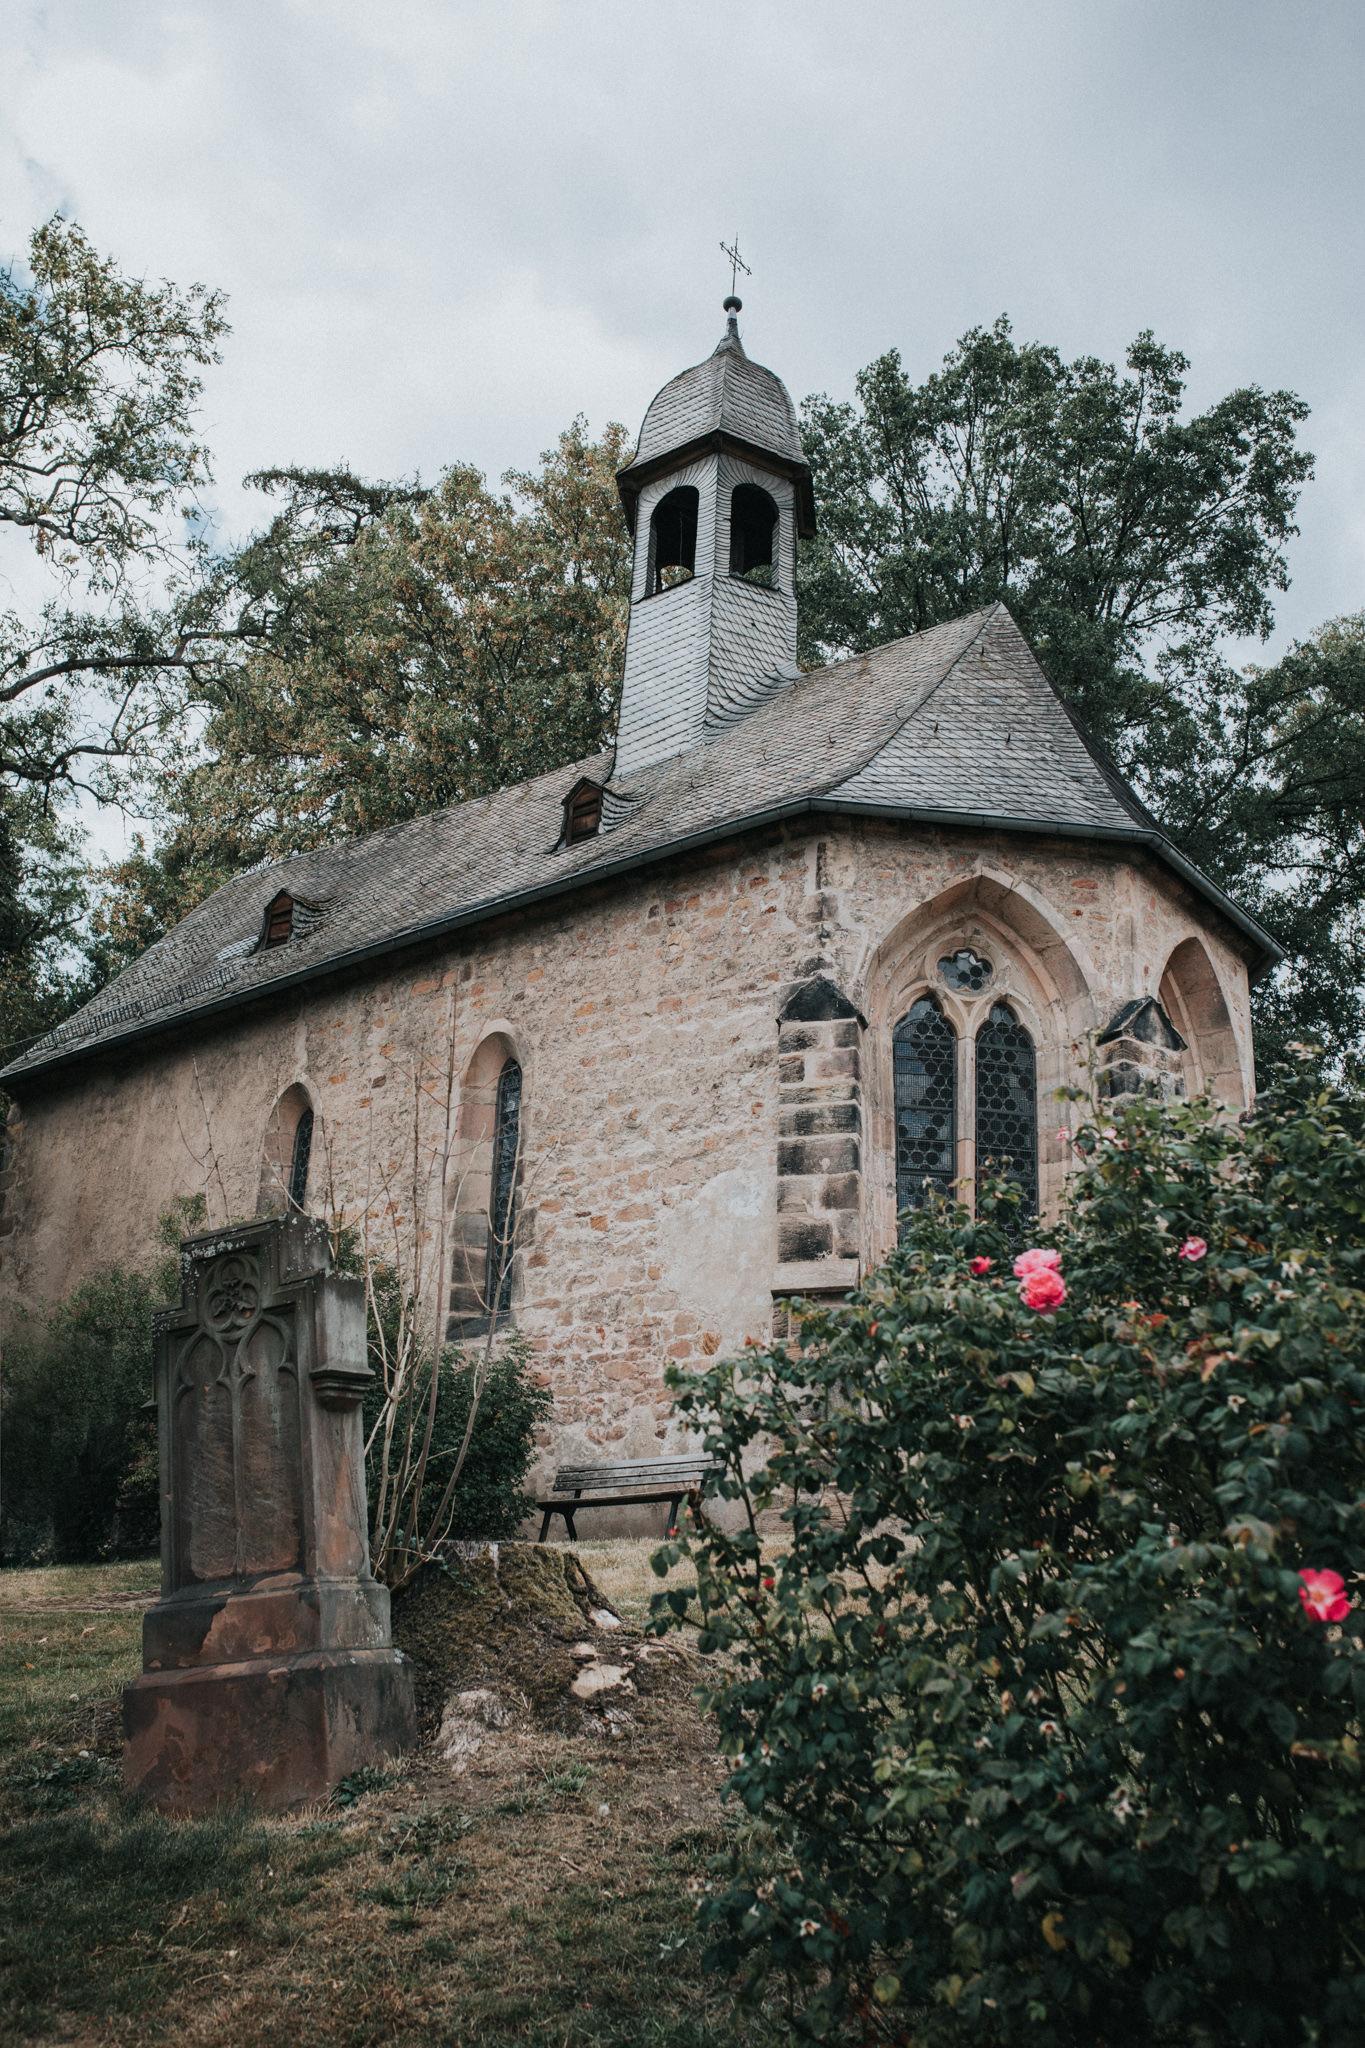 Hochzeitslocation-Schloss-Rauischholzhausen-1-2.jpg